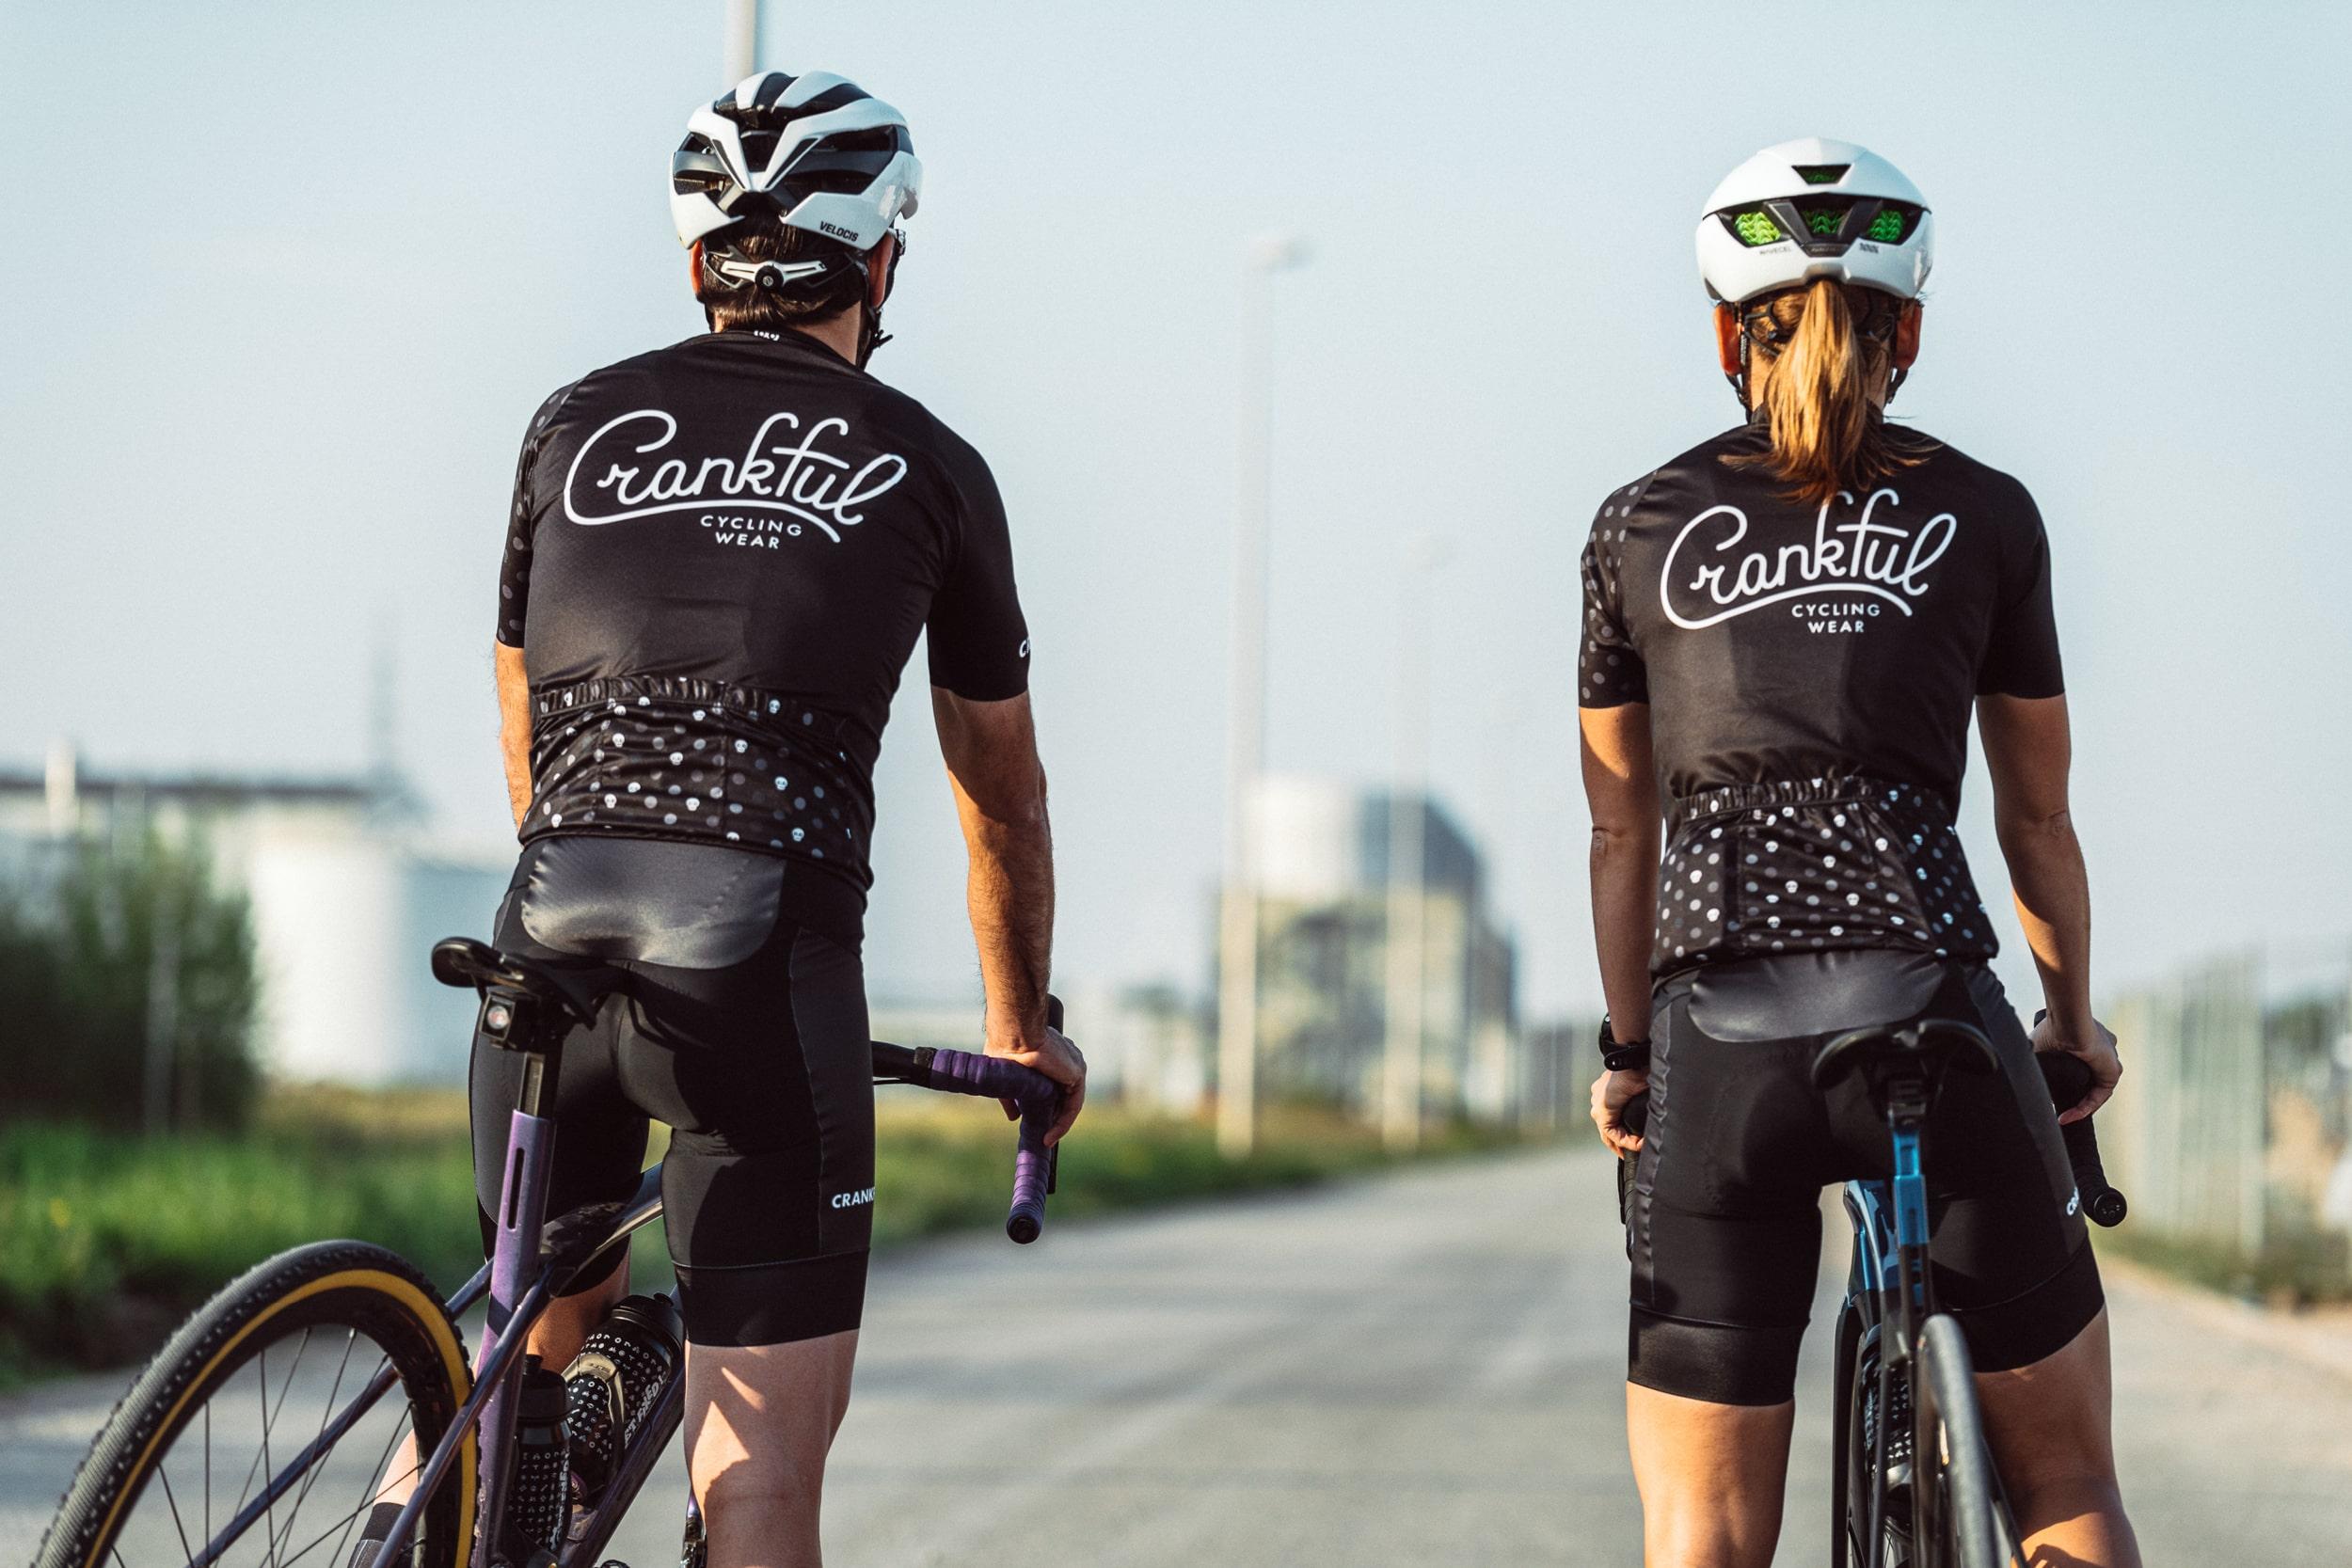 femke_nouters_crankfull_branding_sport_clothing_total